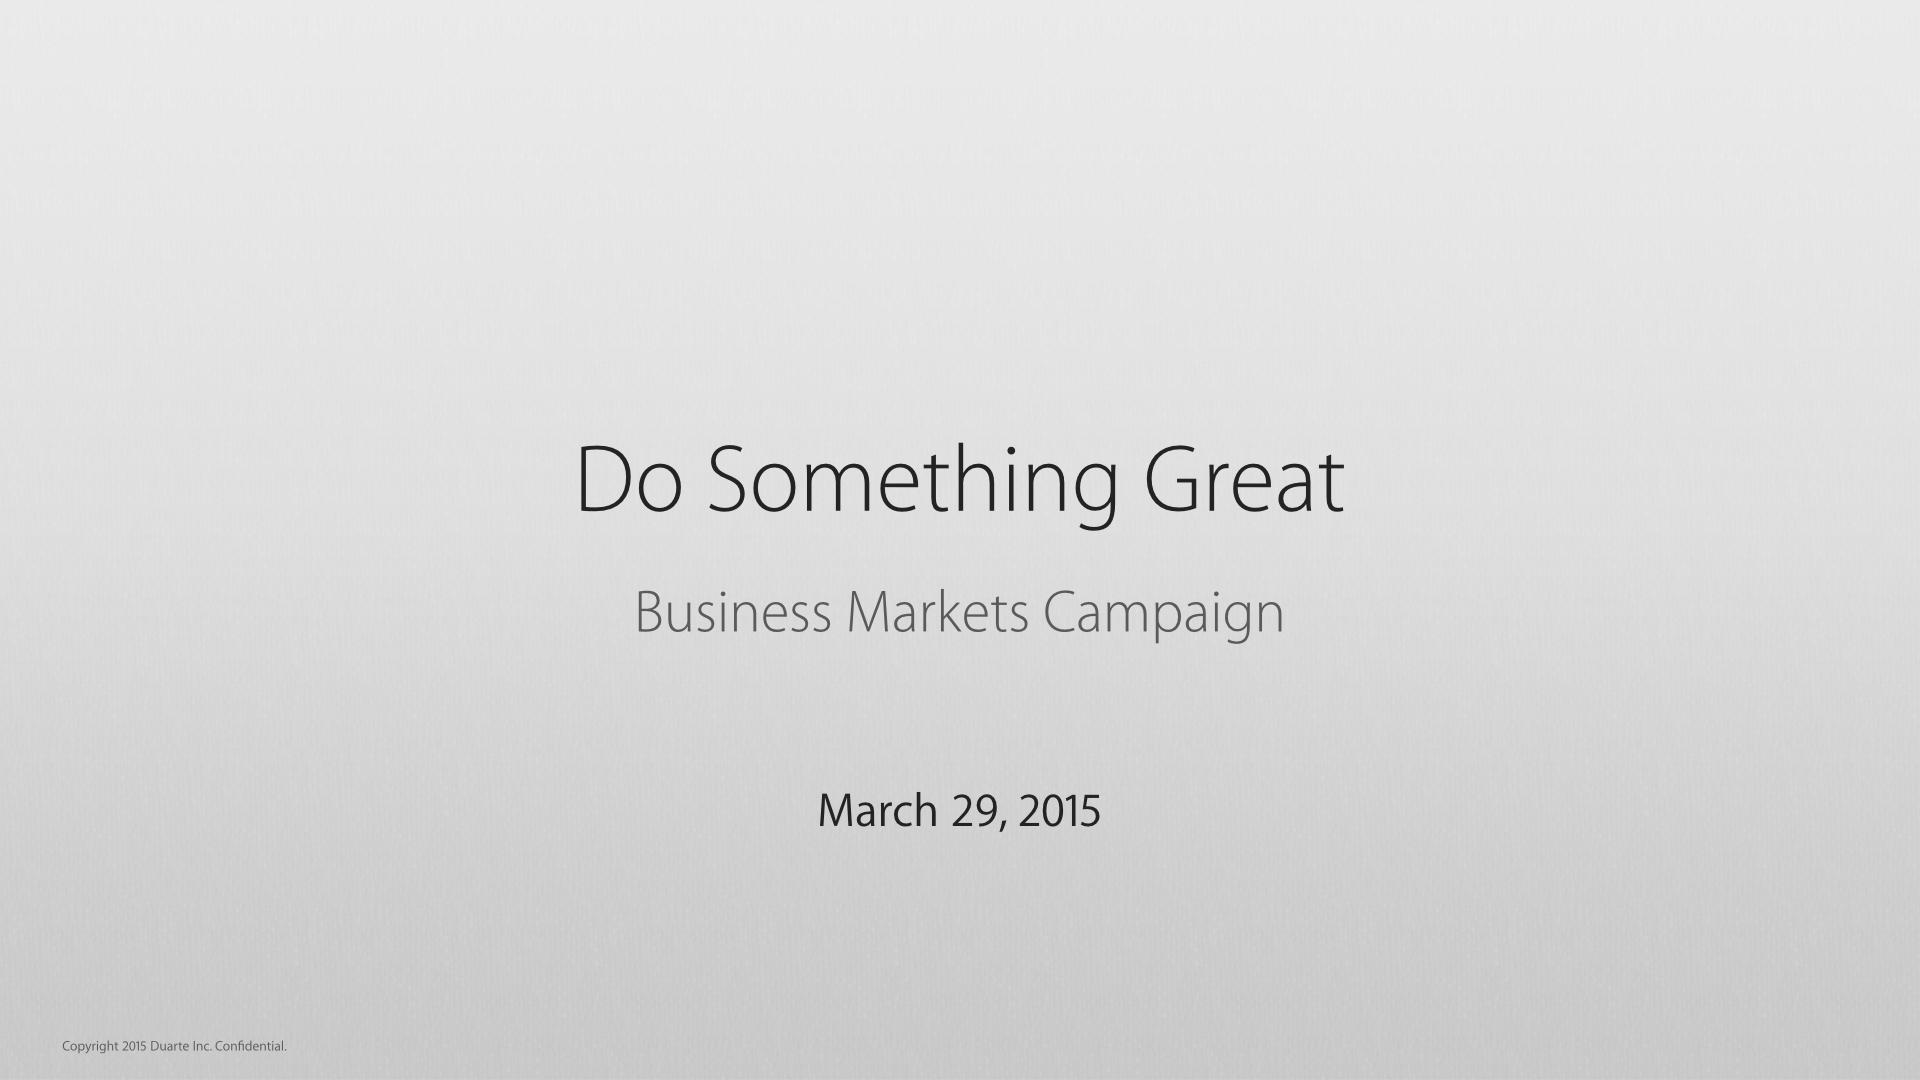 BusinessMarkets_InternalTemplate_03_D.002.jpg